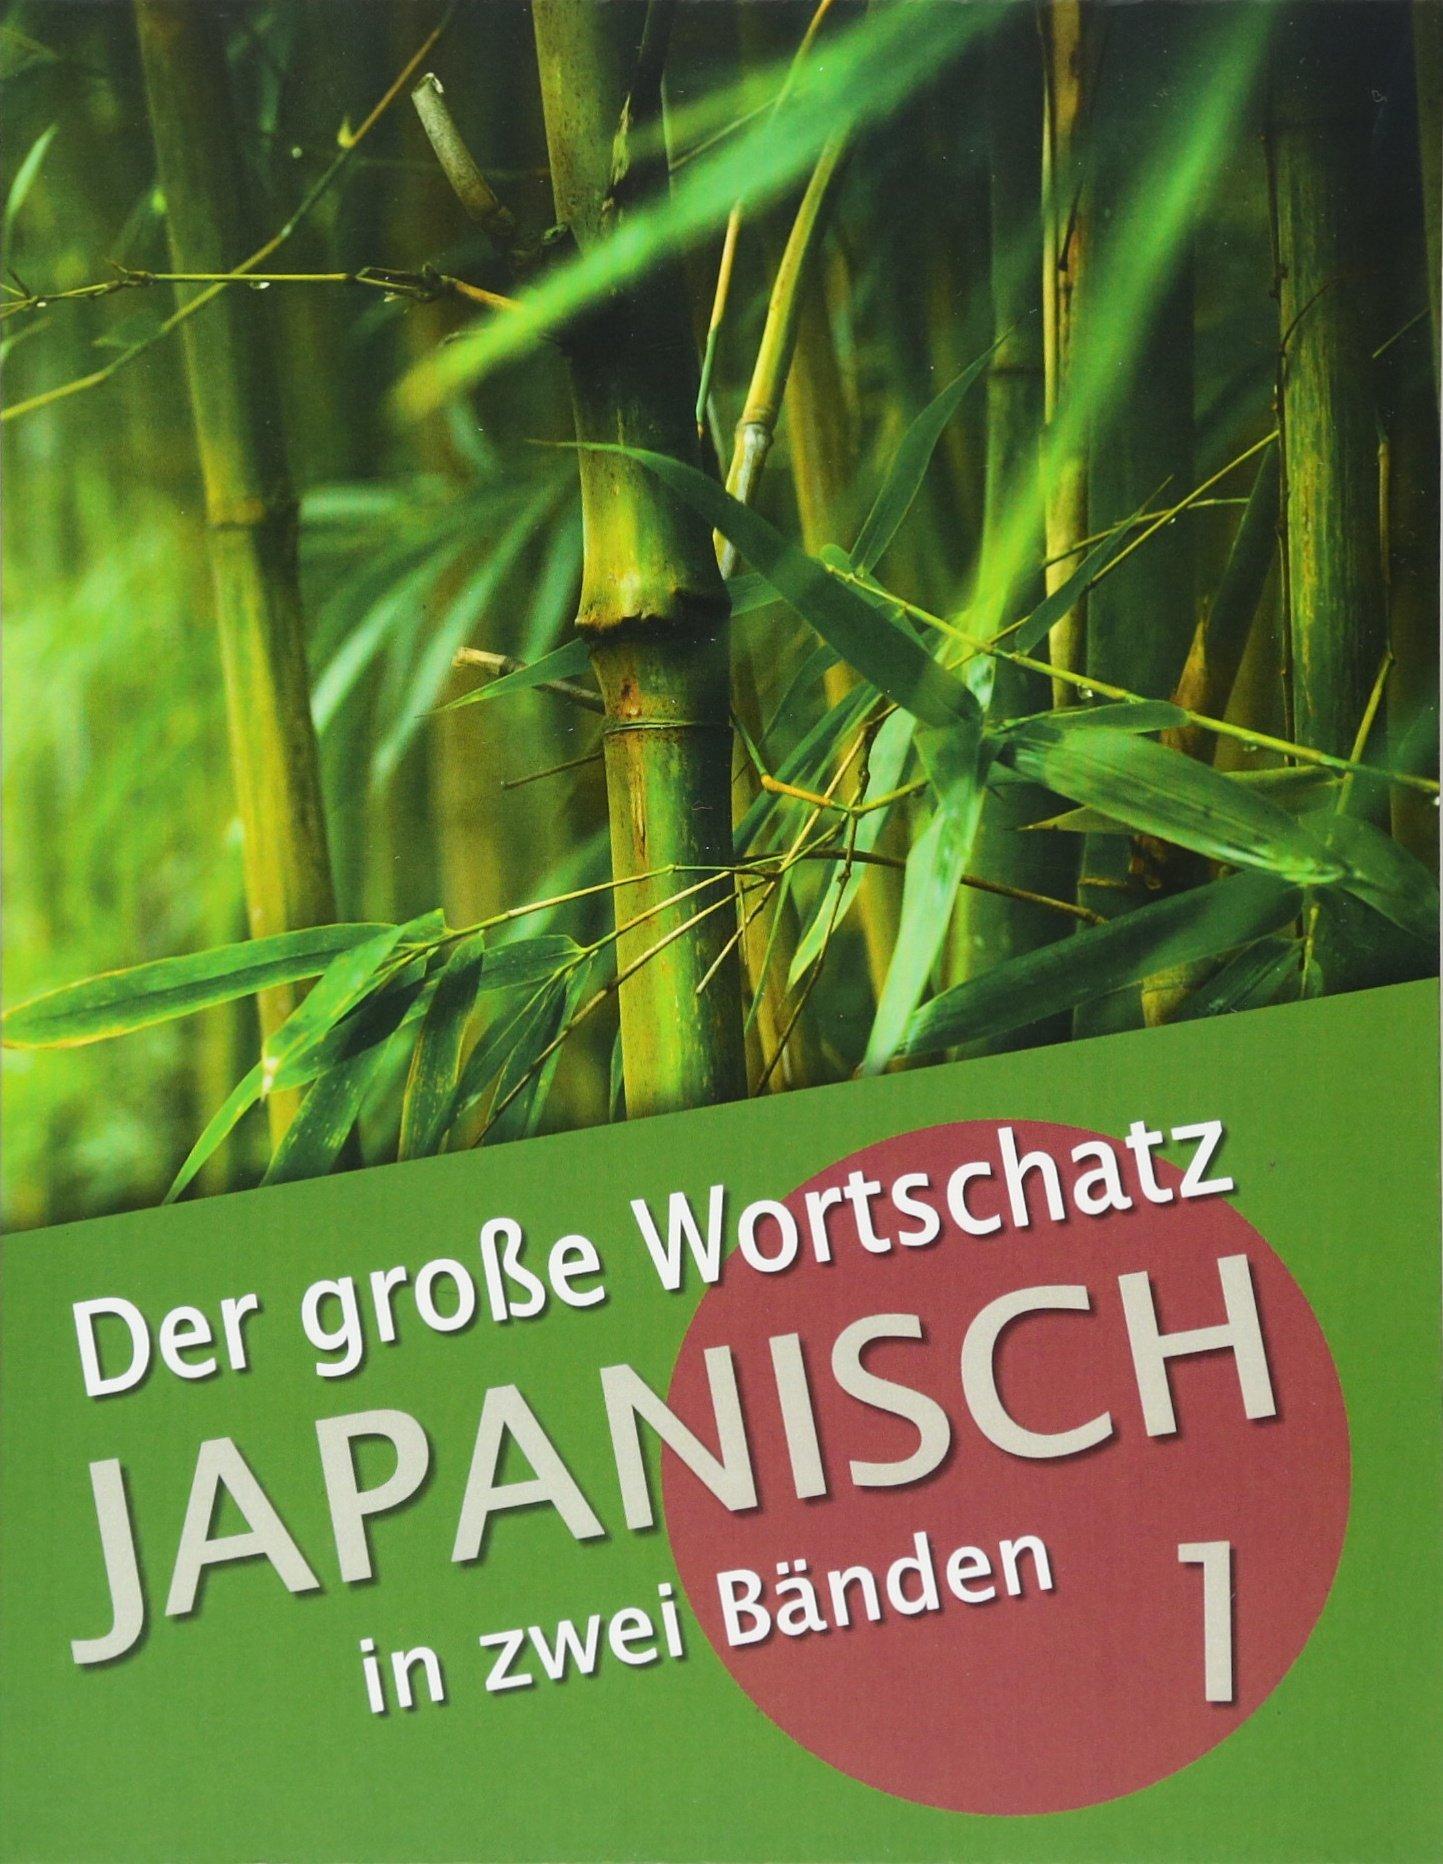 Der Grosse Wortschatz Japanisch in Zwei Banden Band 1 (German Edition) ebook